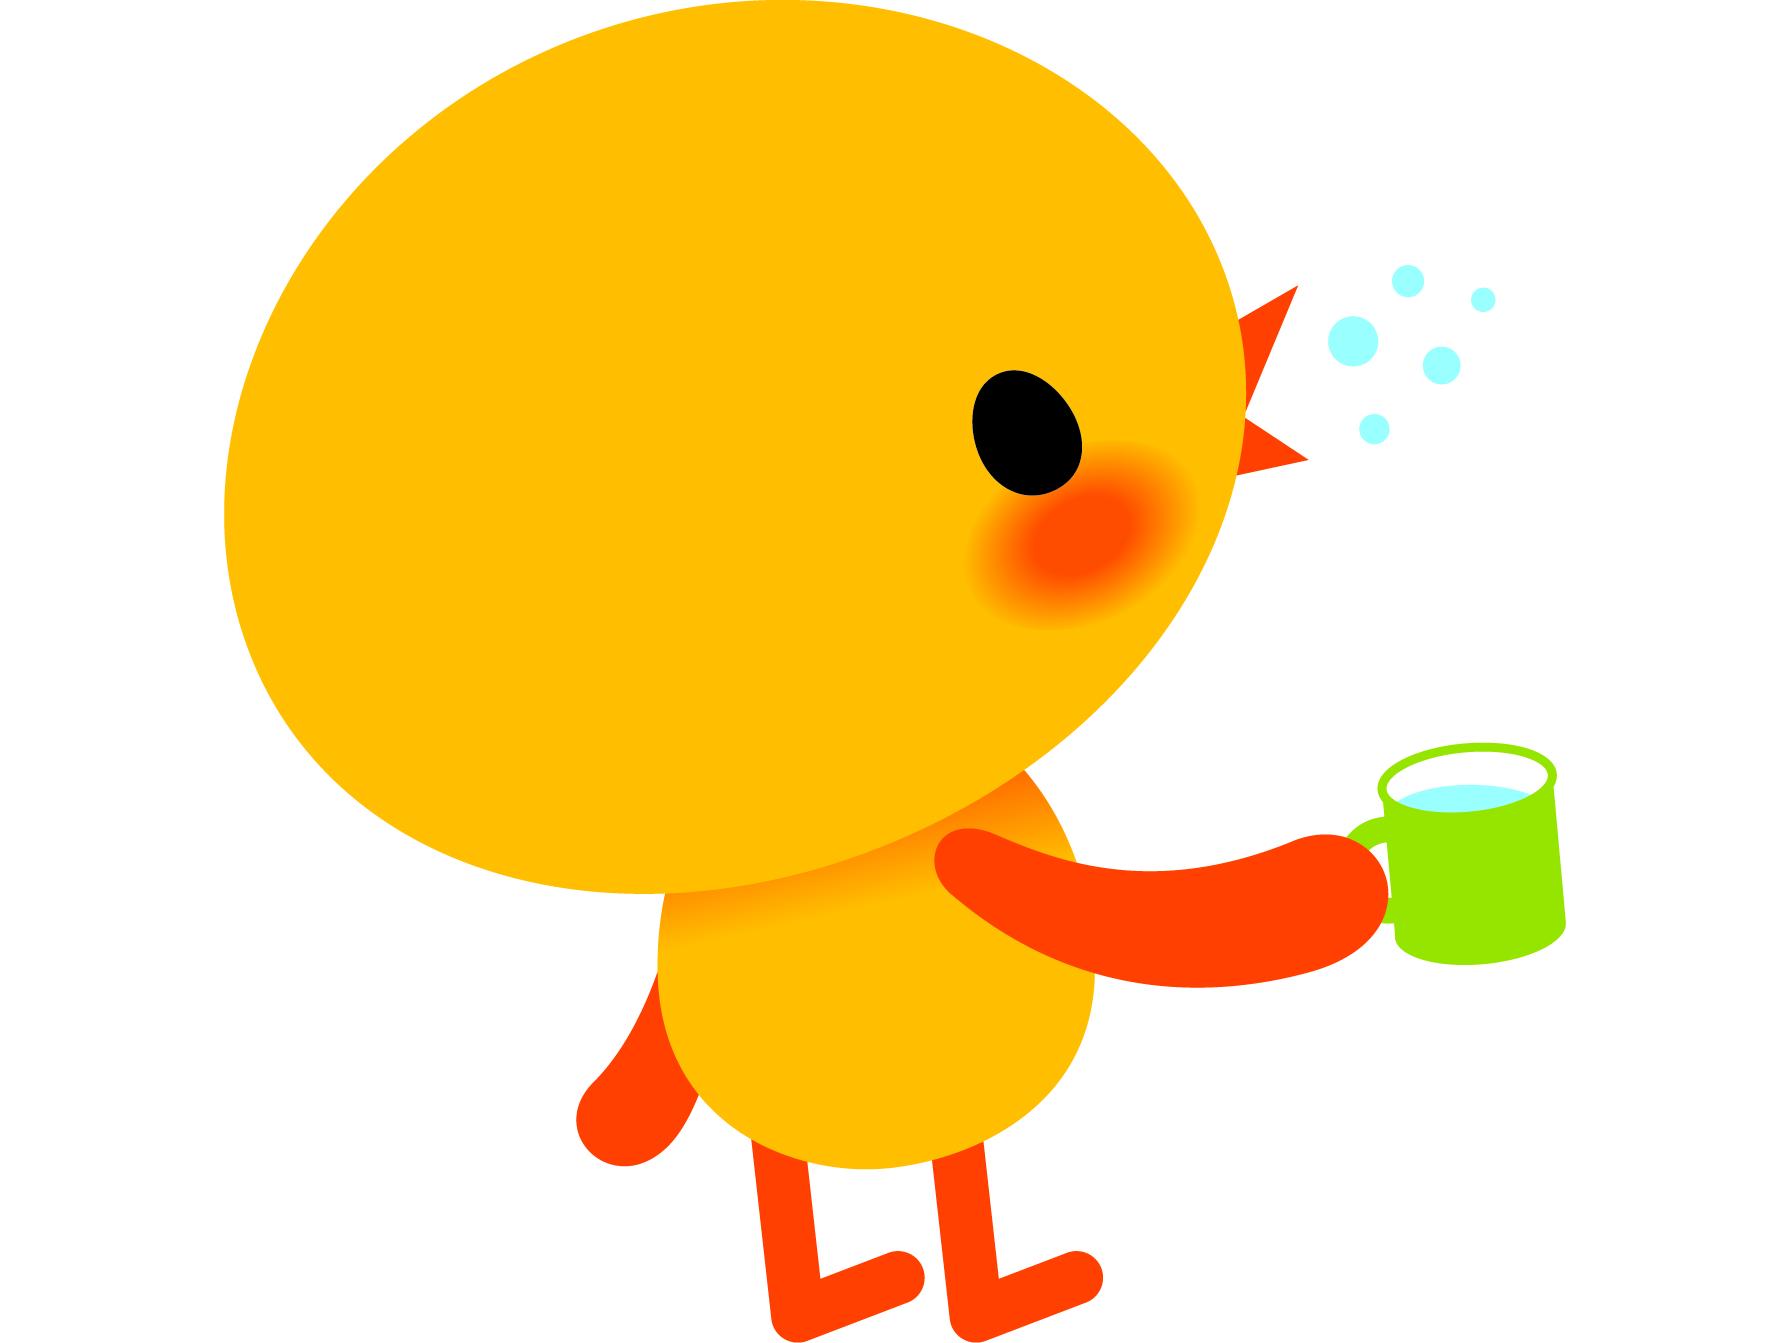 うがいができない子供の風邪予防は?ノドにはお茶が効く?1歳児でも風邪に負けない予防法一覧はこちら!